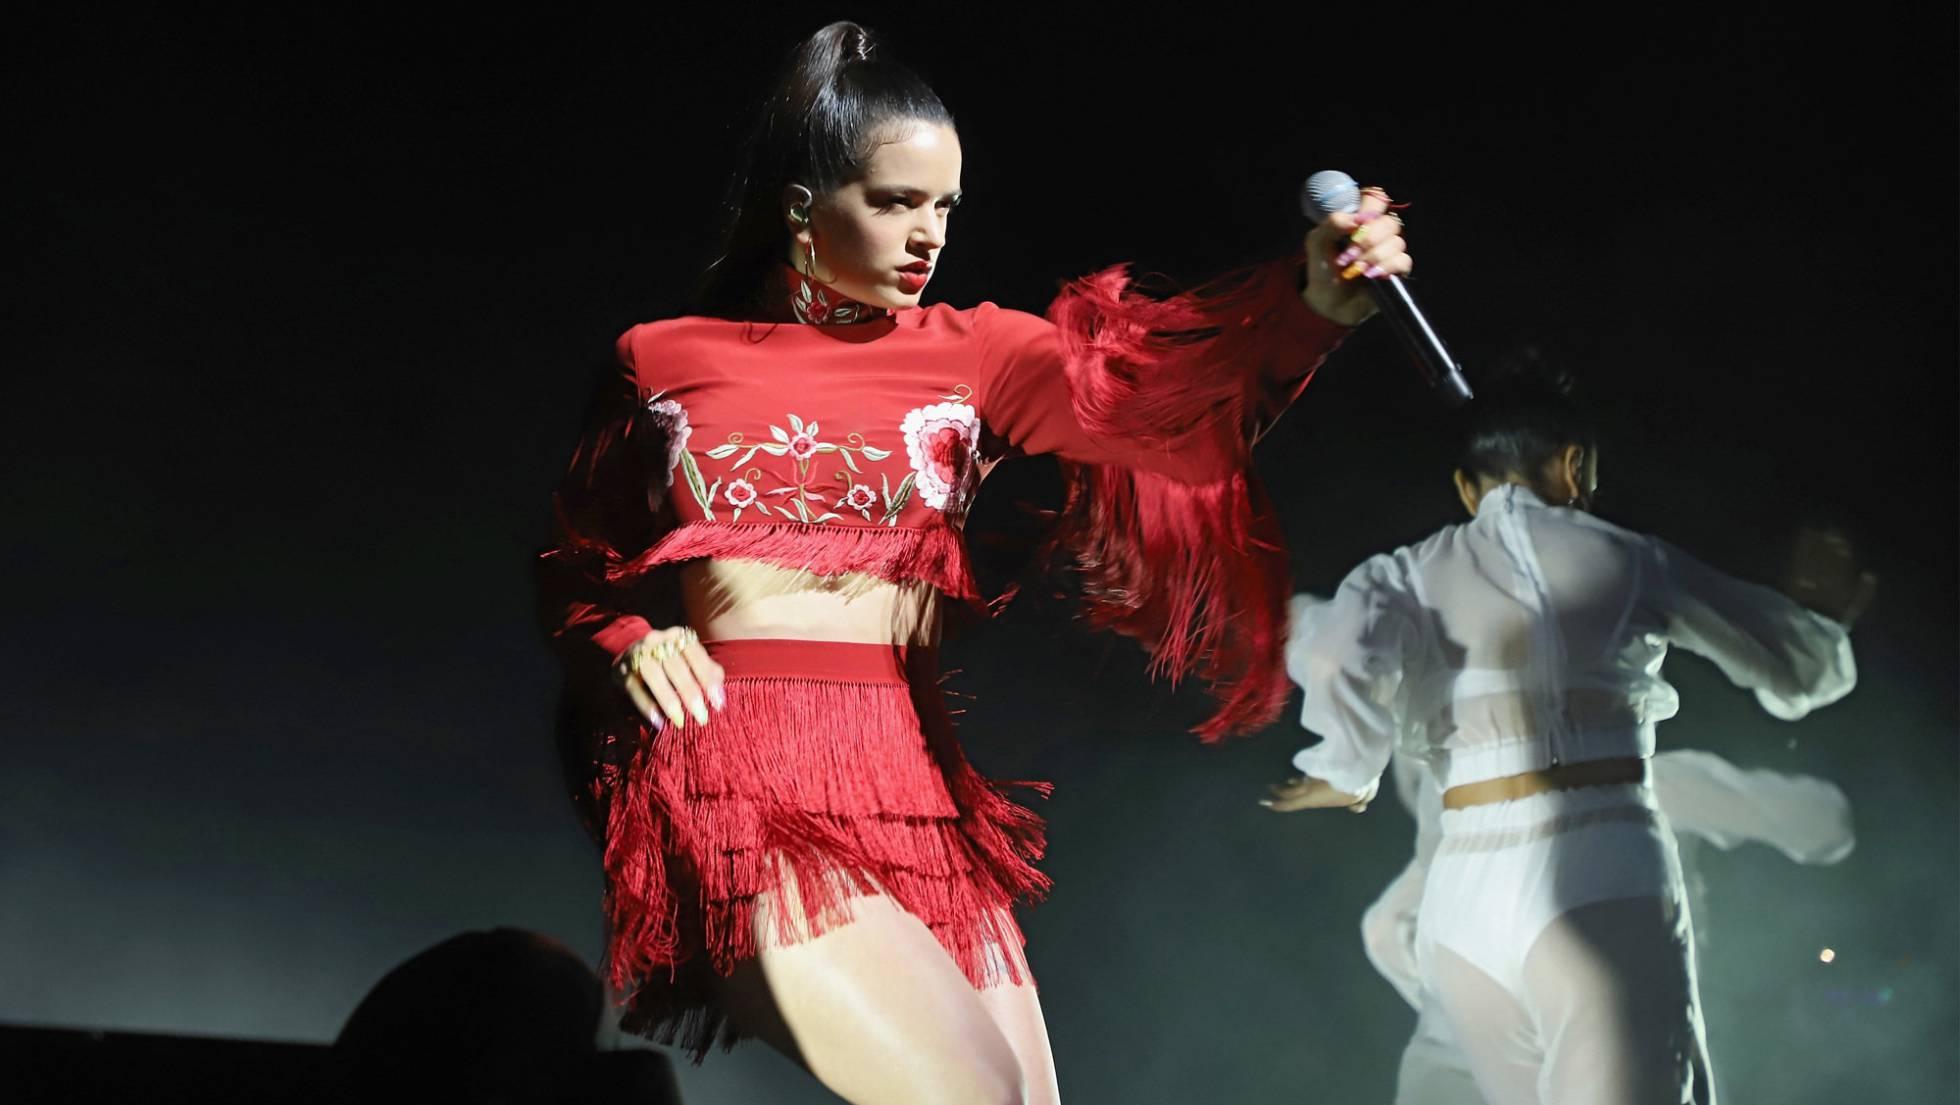 Fotos: Todas las Rosalías: chandalera, 'vintage', flamenca y sofisticada